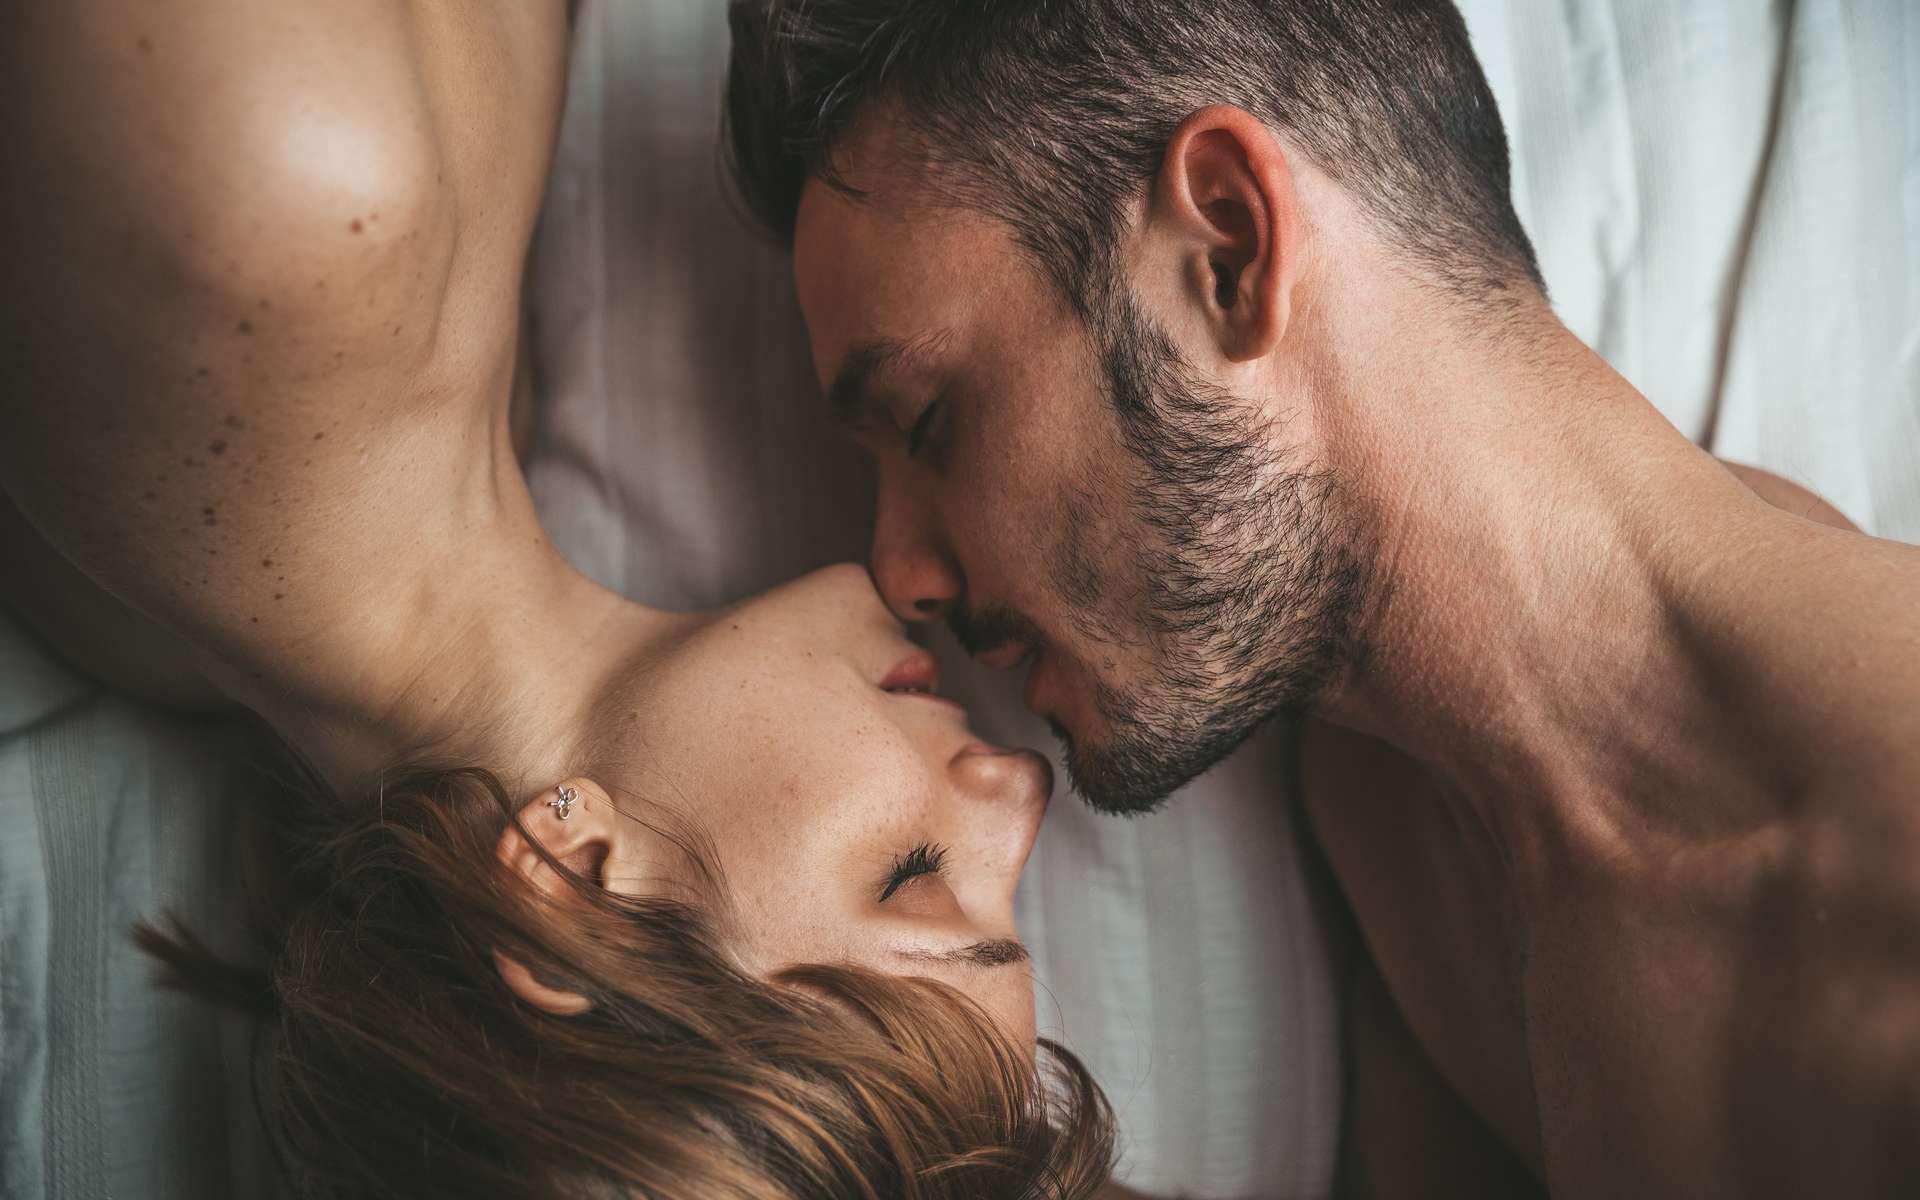 Le désir masculin serait en partie régulé par un gène. © Davide Angelini, Adobe Stock